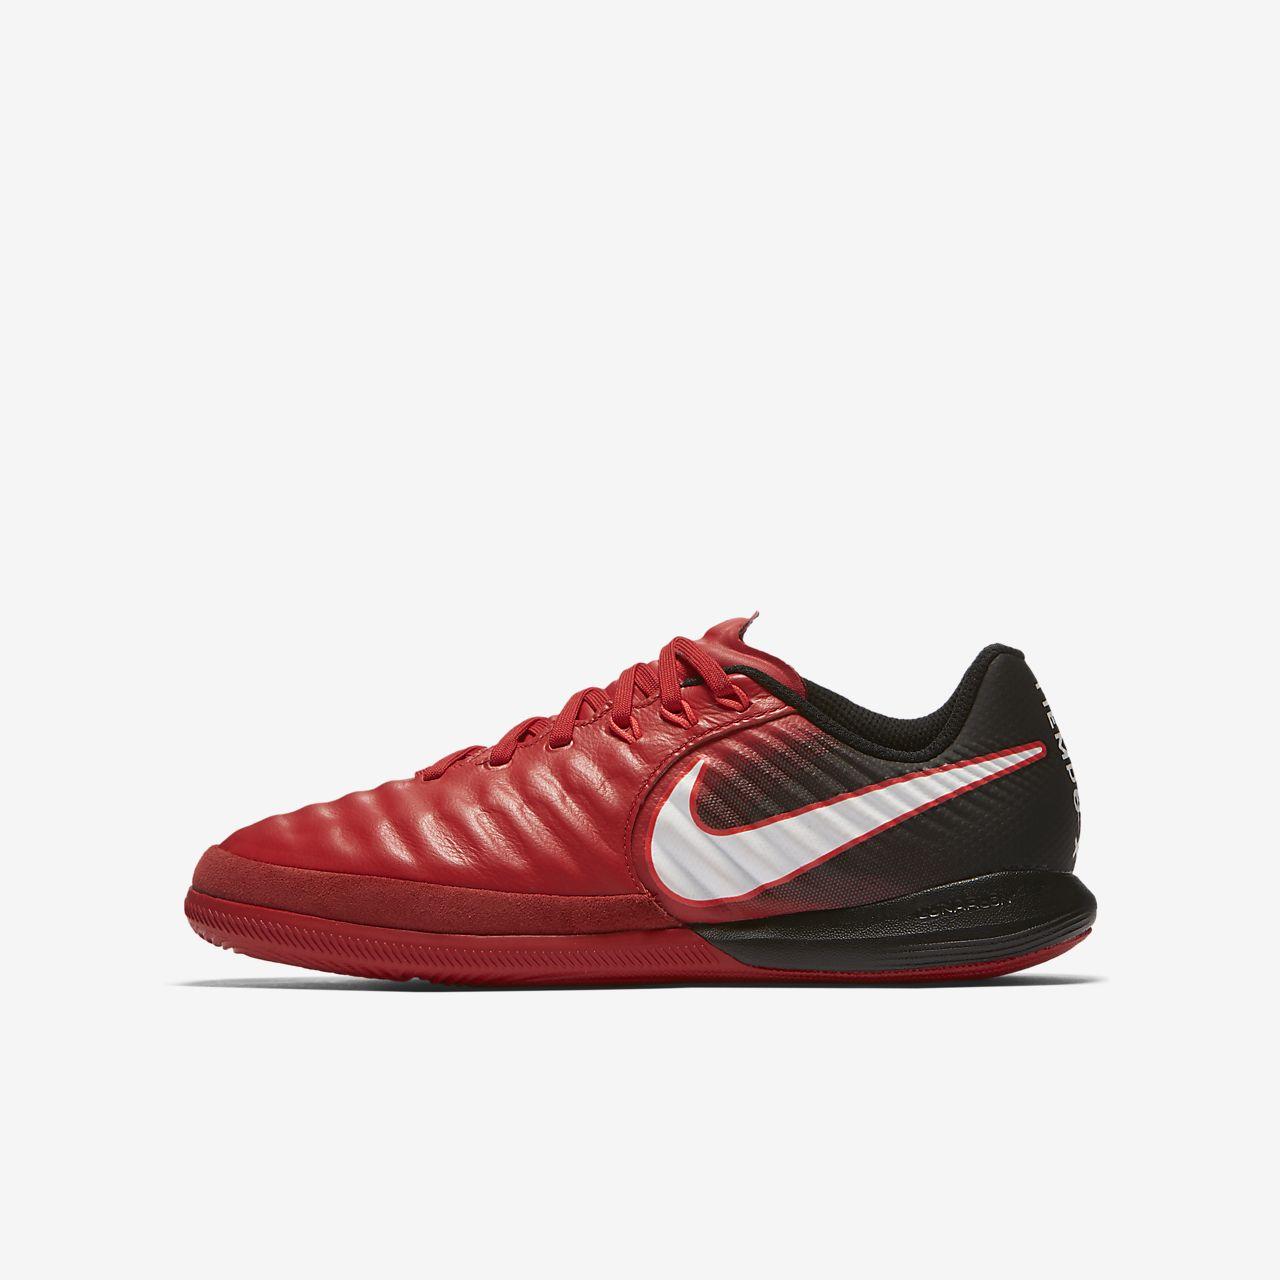 2f000651001d nike jr. tiempox proximo ii older kids indoor court football shoe